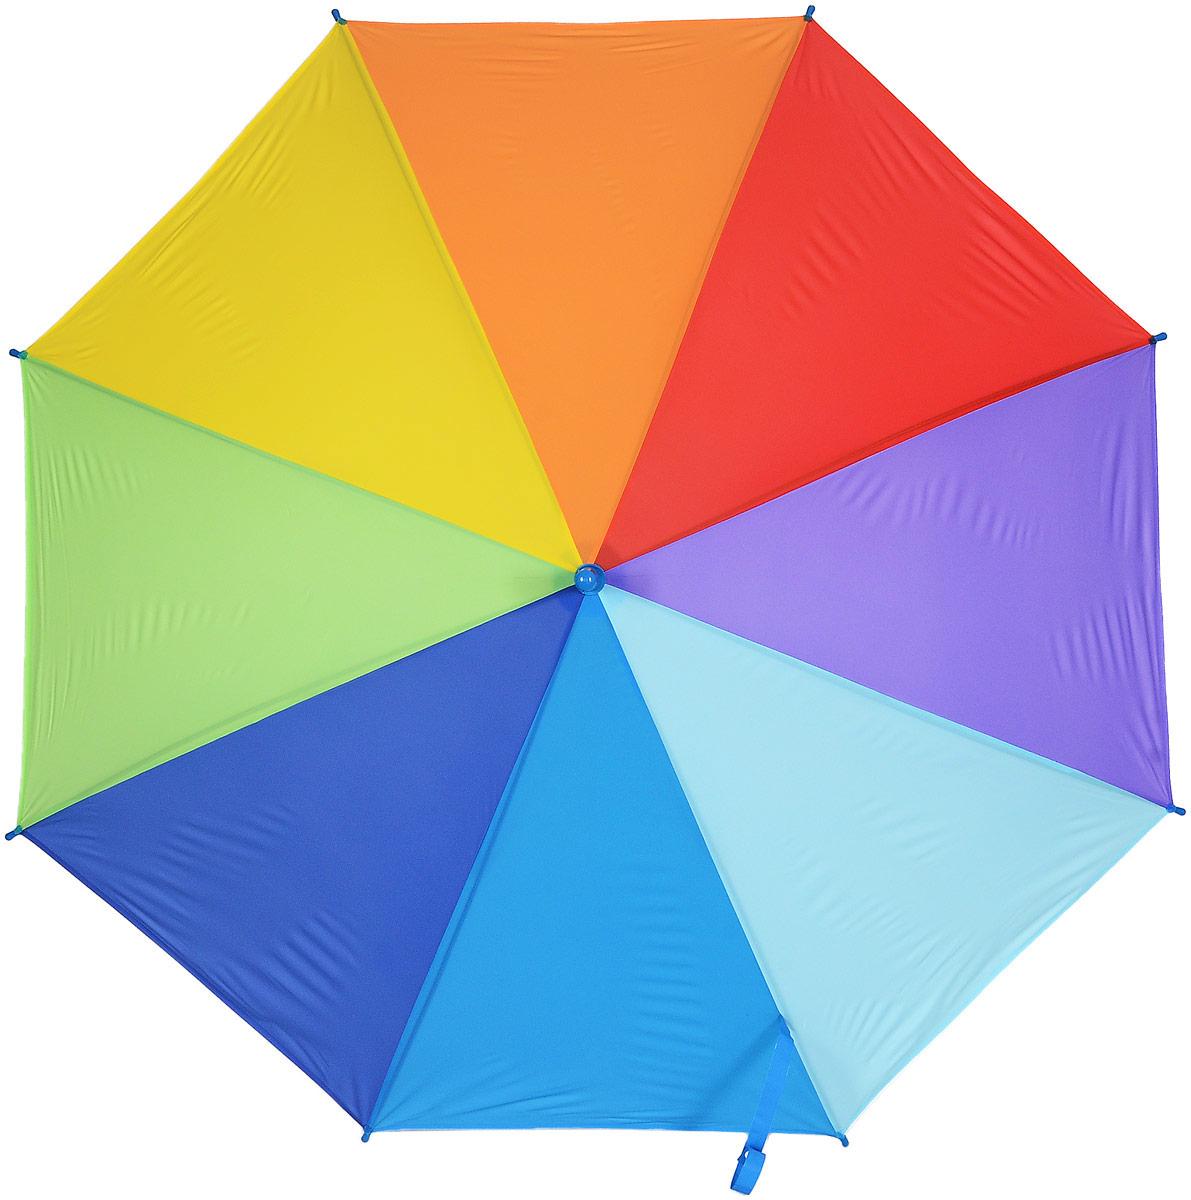 Зонт женский Эврика Радуга, цвет: зеленый, желтый, синий. 975042591АСтильный механический зонт Эврика Радуга даже в ненастную погоду позволит вам оставаться стильной и элегантной. Каркас зонта из металла состоит из восьми спиц, оснащен удобной рукояткой. Купол зонта выполнен из прочного поливинилхлорида. Закрытый купол фиксируется хлястиком на кнопке.